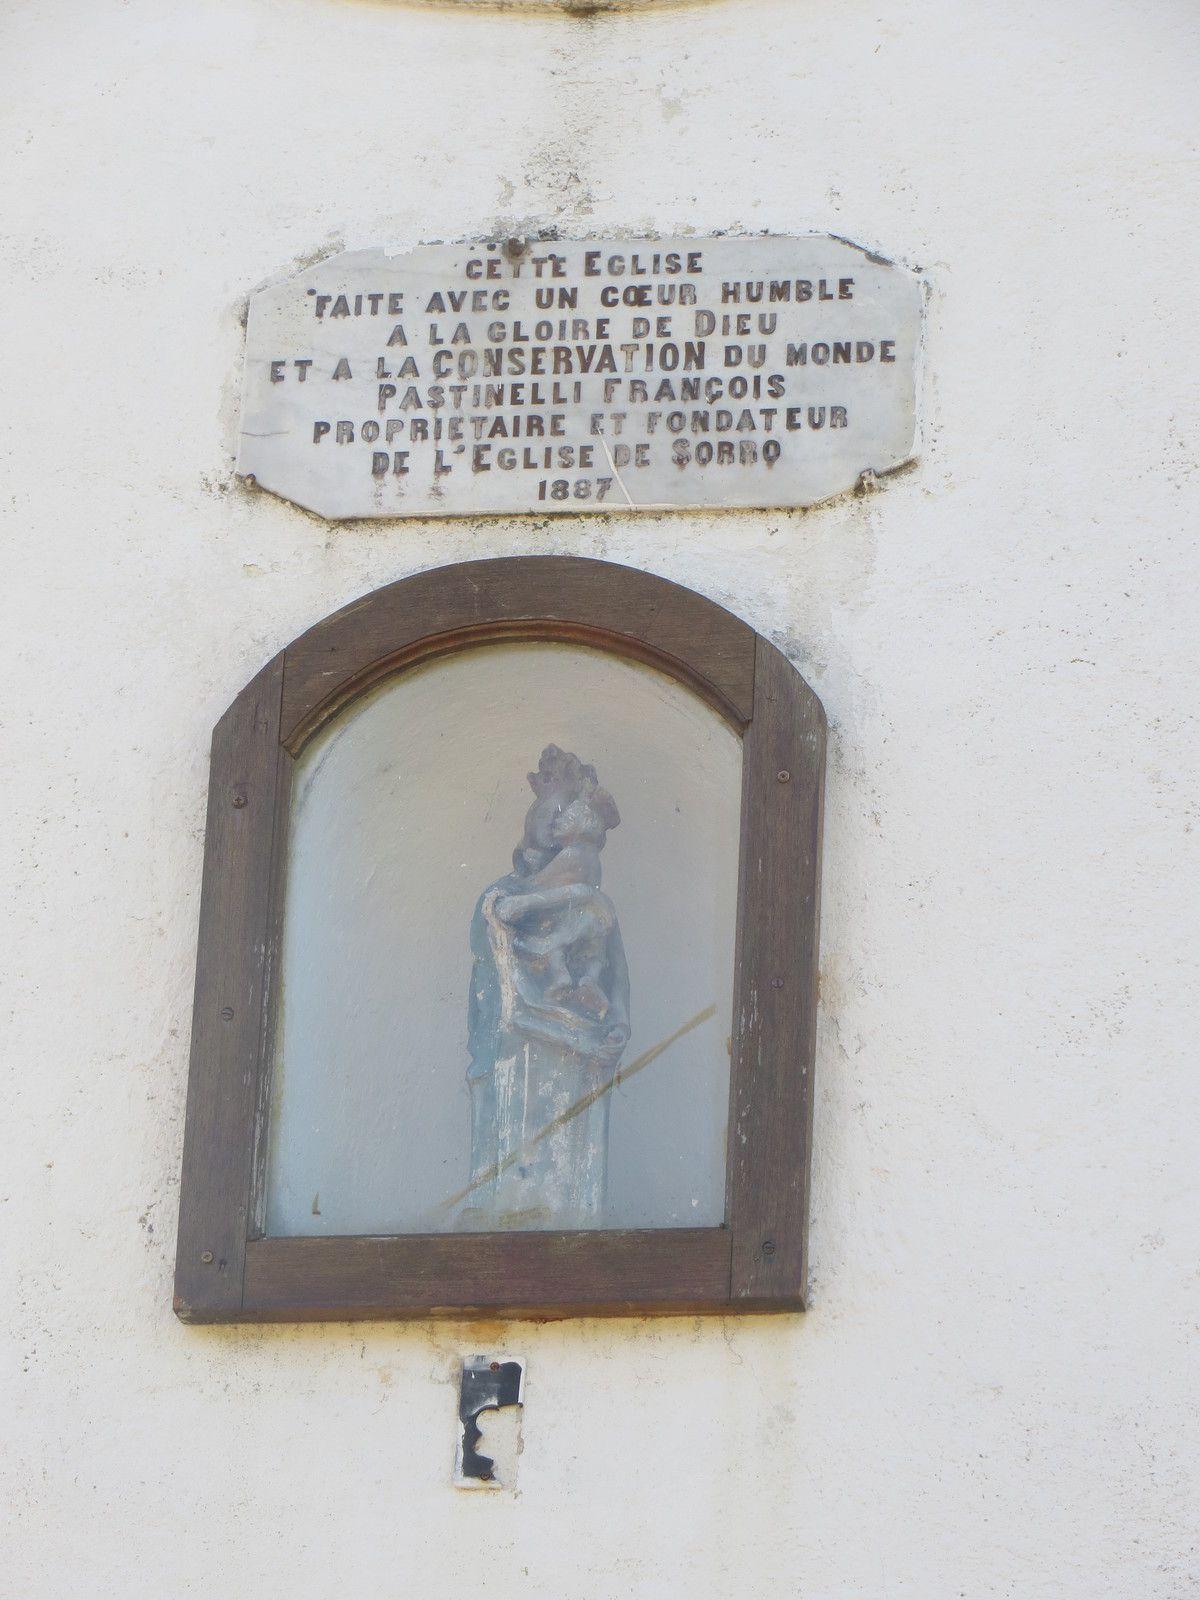 """Leca Anna-Maria ; Medurio Noelle, """"chapelle Notre-Dame de Lavasina de Sorro,""""Médiathèque Culturelle de la Corse et des Corses, consulté le 4 septembre 2020, http://m3c.univ-corse.fr/omeka/items/show/1099529."""